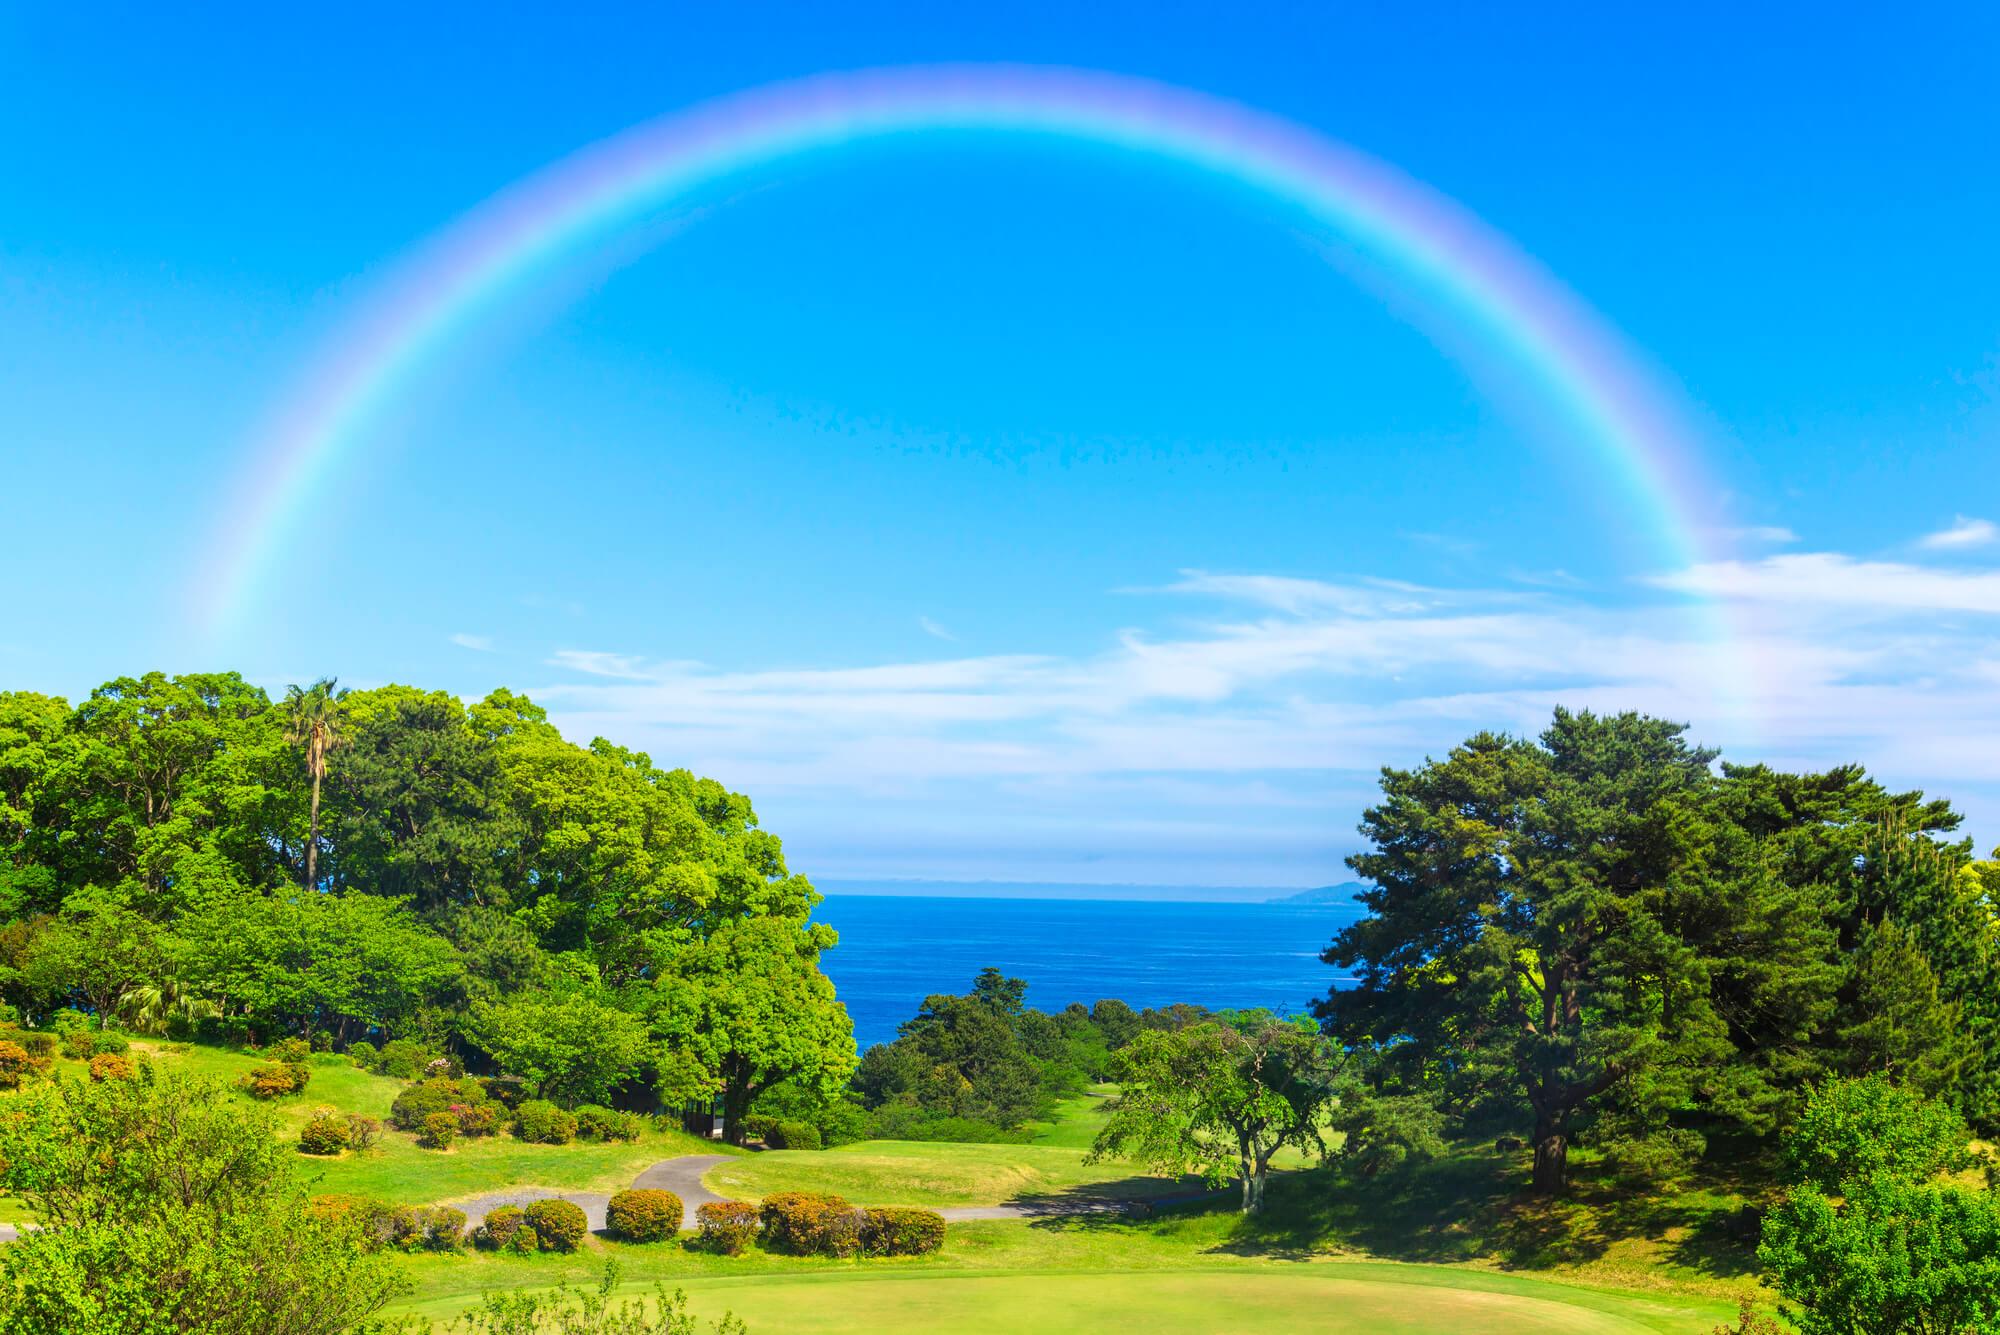 虹が持つスピリチュアルな意味とは?7色の意味は?二重の虹は?